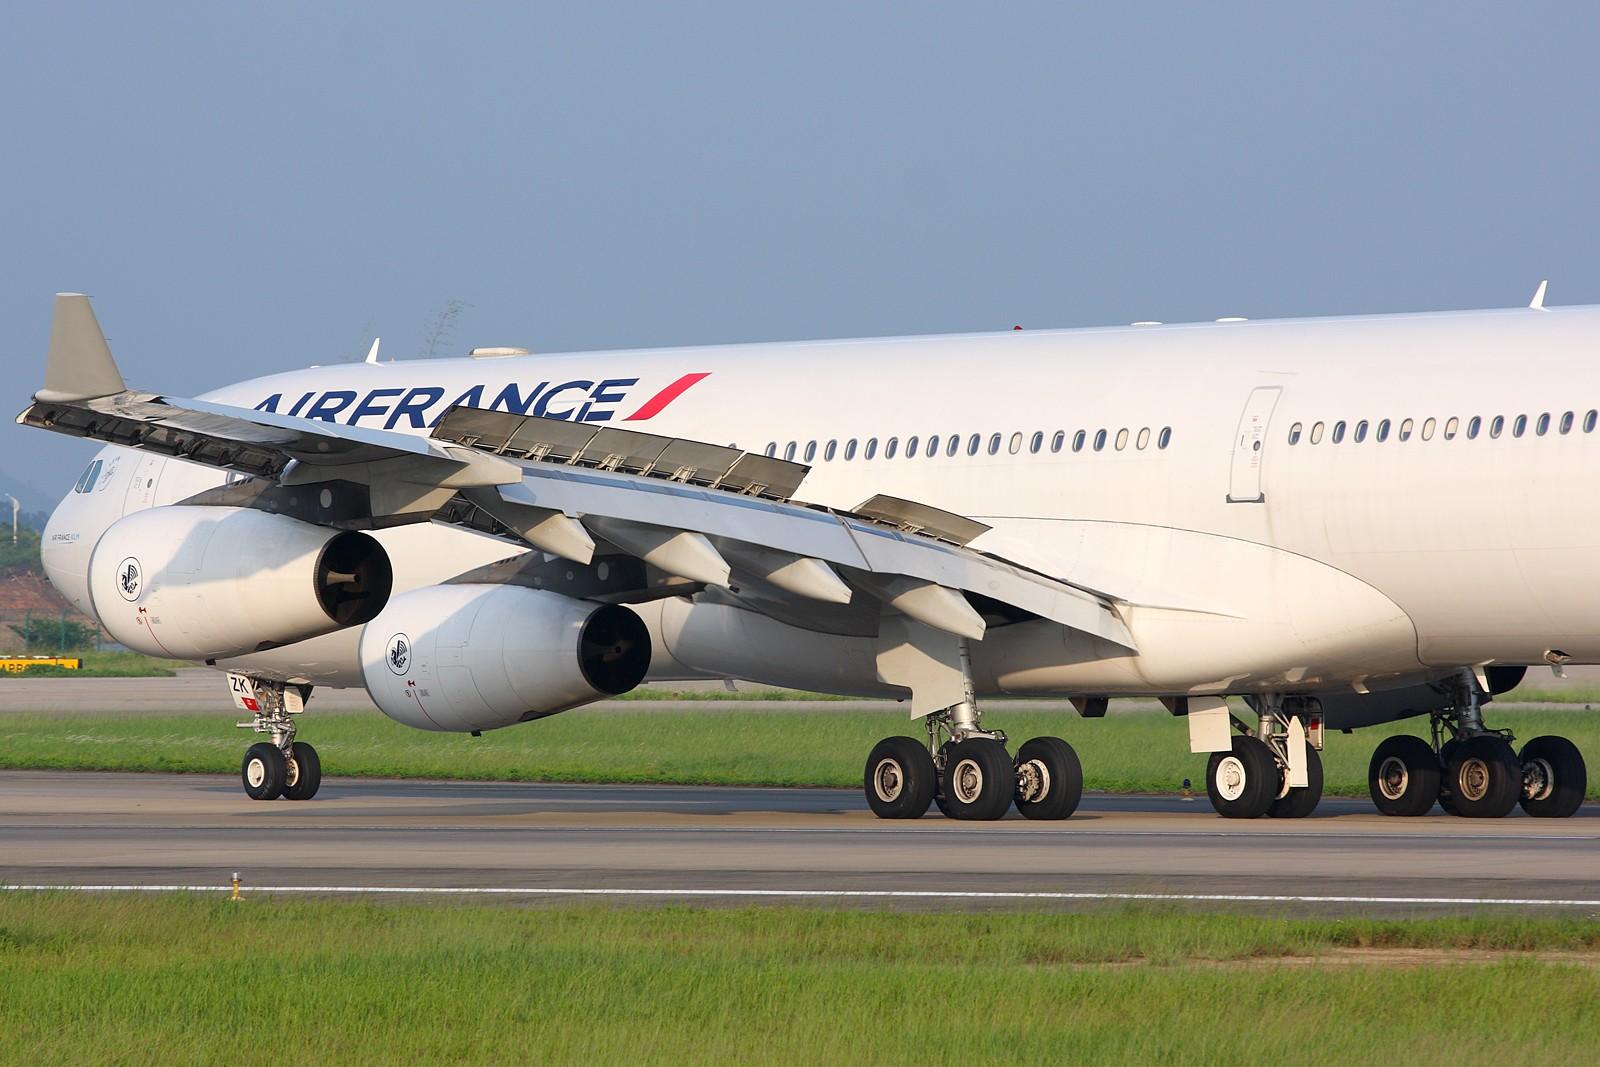 Re:[原创]【深圳飞友会】5张空中大头特写,再加4张是第一场尝试拍摄(引擎与轮组的大特写)继续1600×1067大图呈上望带来视觉冲击效果。 AIRBUS A340-300  中国广州白云机场